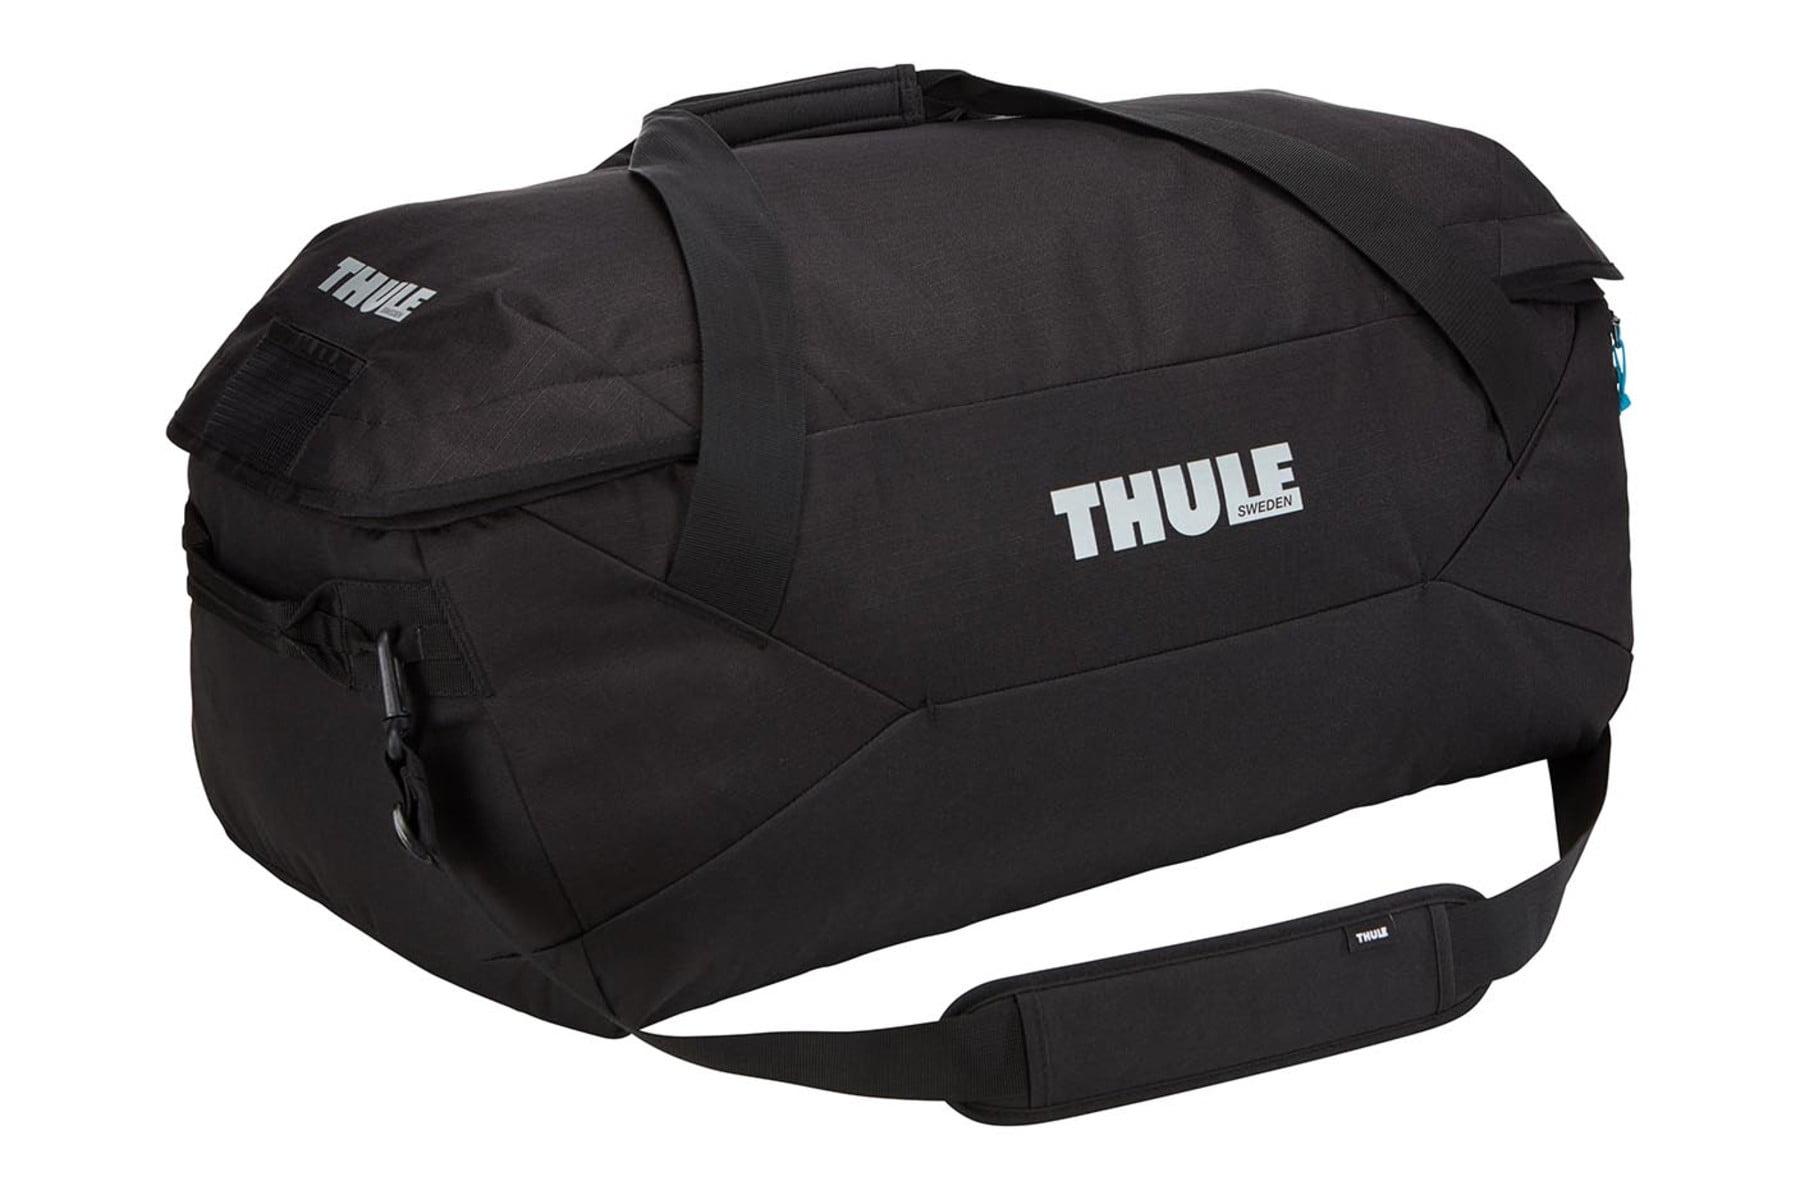 Set de genti Thule GoPack 8006 pentru cutiile portbagaj 1